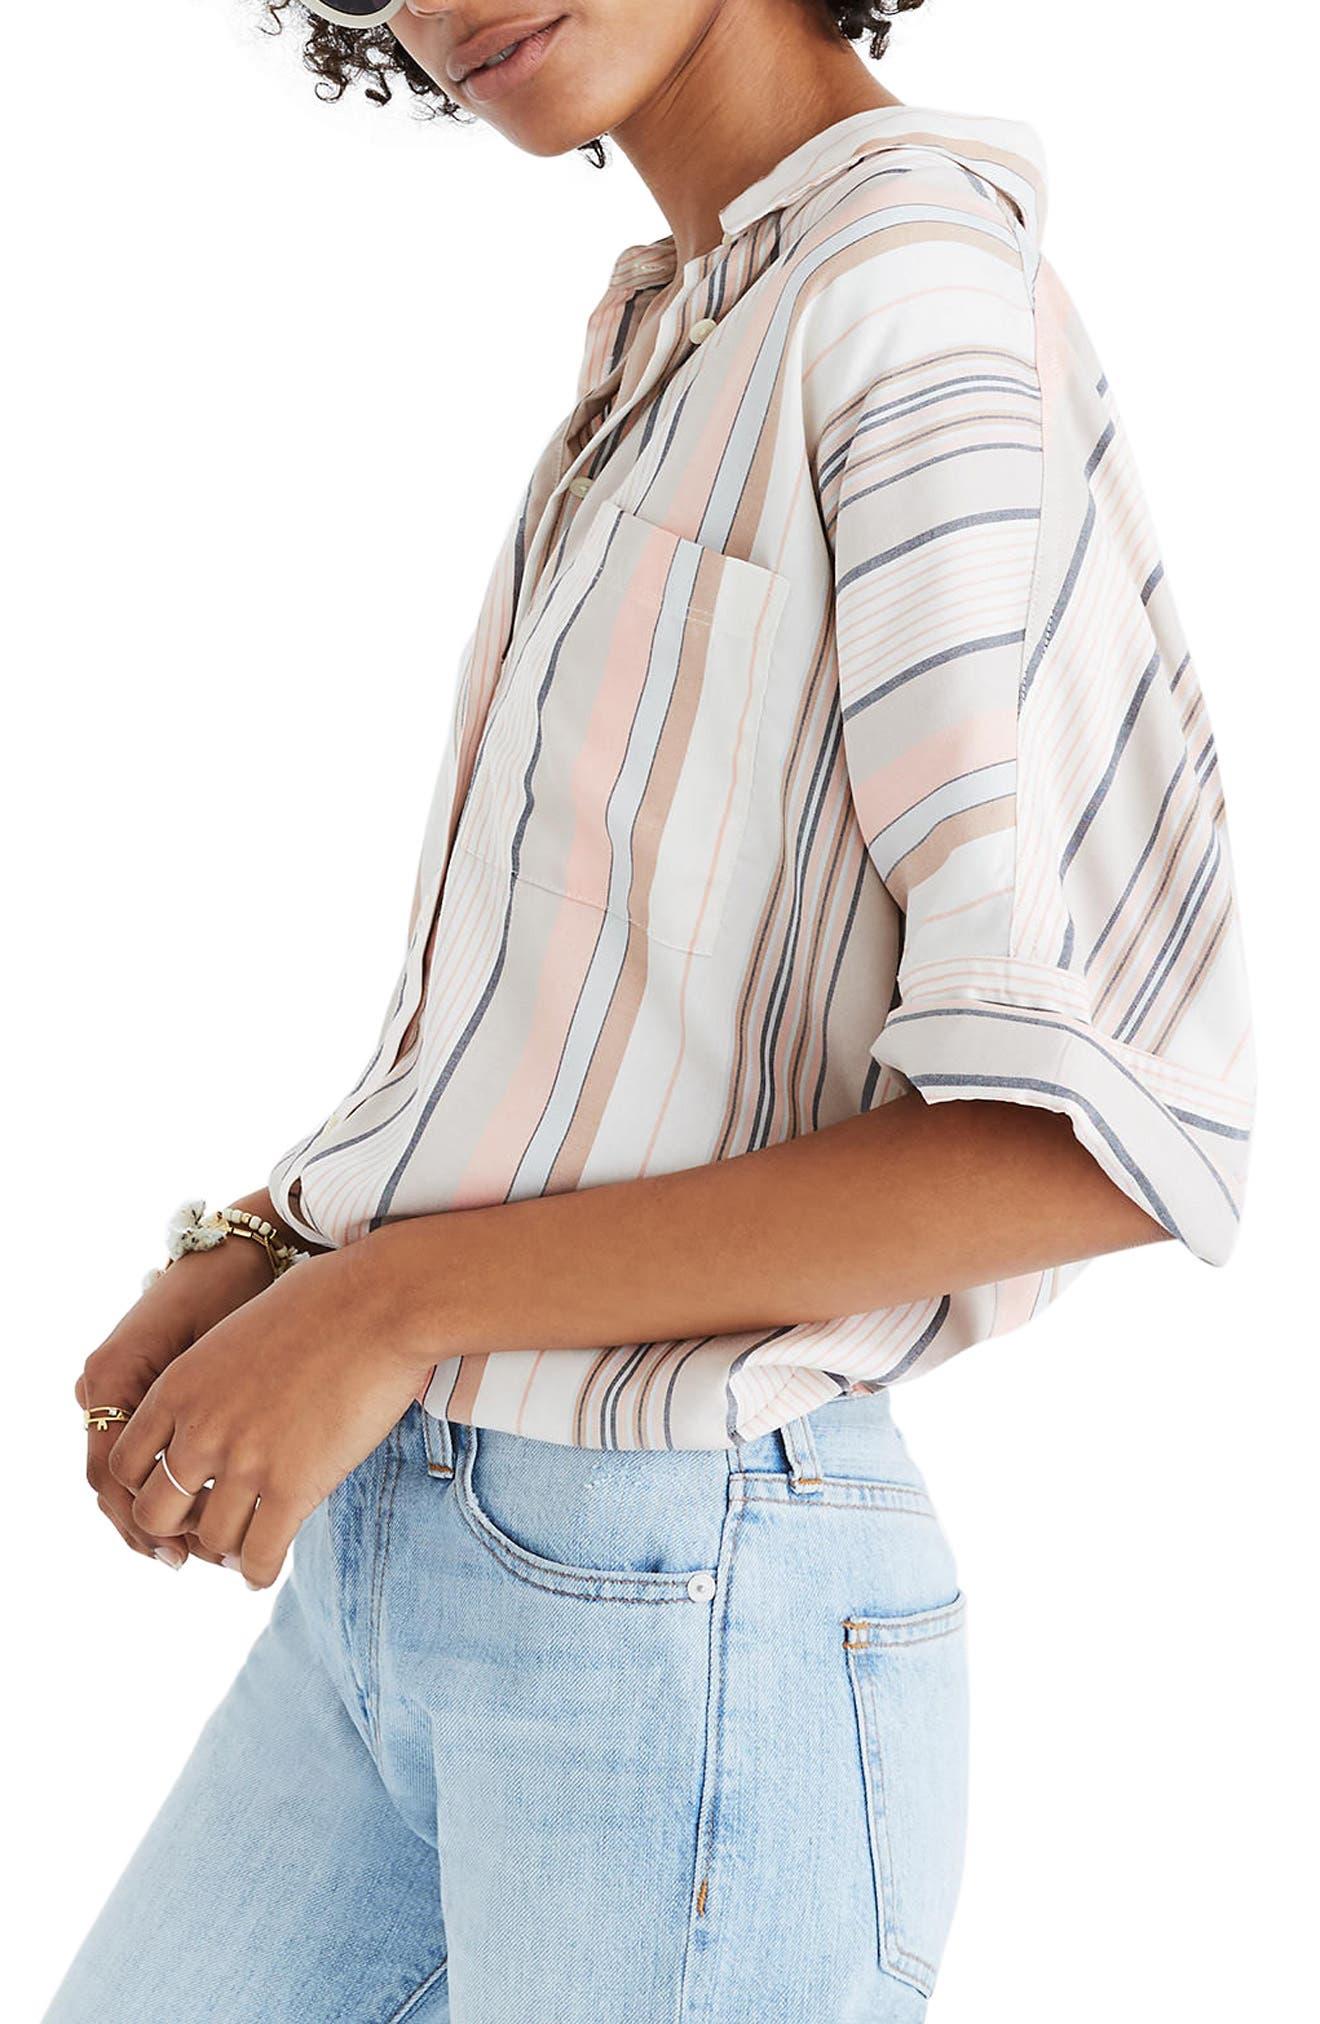 Courier Stripe Shirt,                             Alternate thumbnail 3, color,                             250